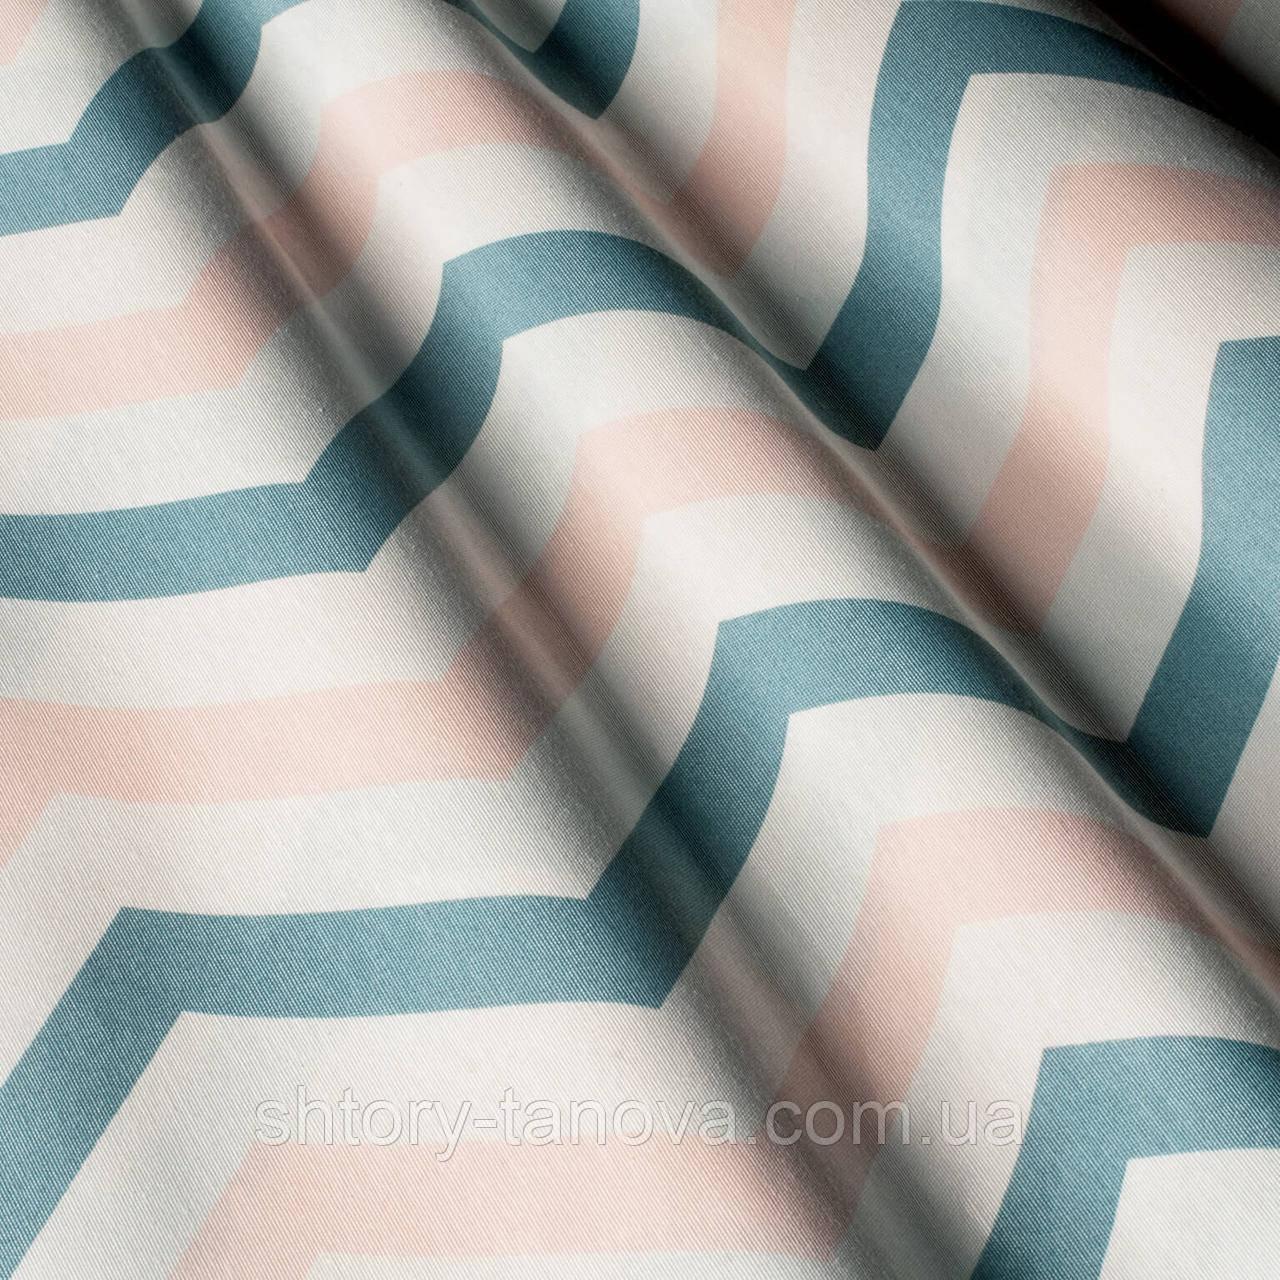 Декоративная ткань с принтом зиг-заг, тефлоновое покрытие